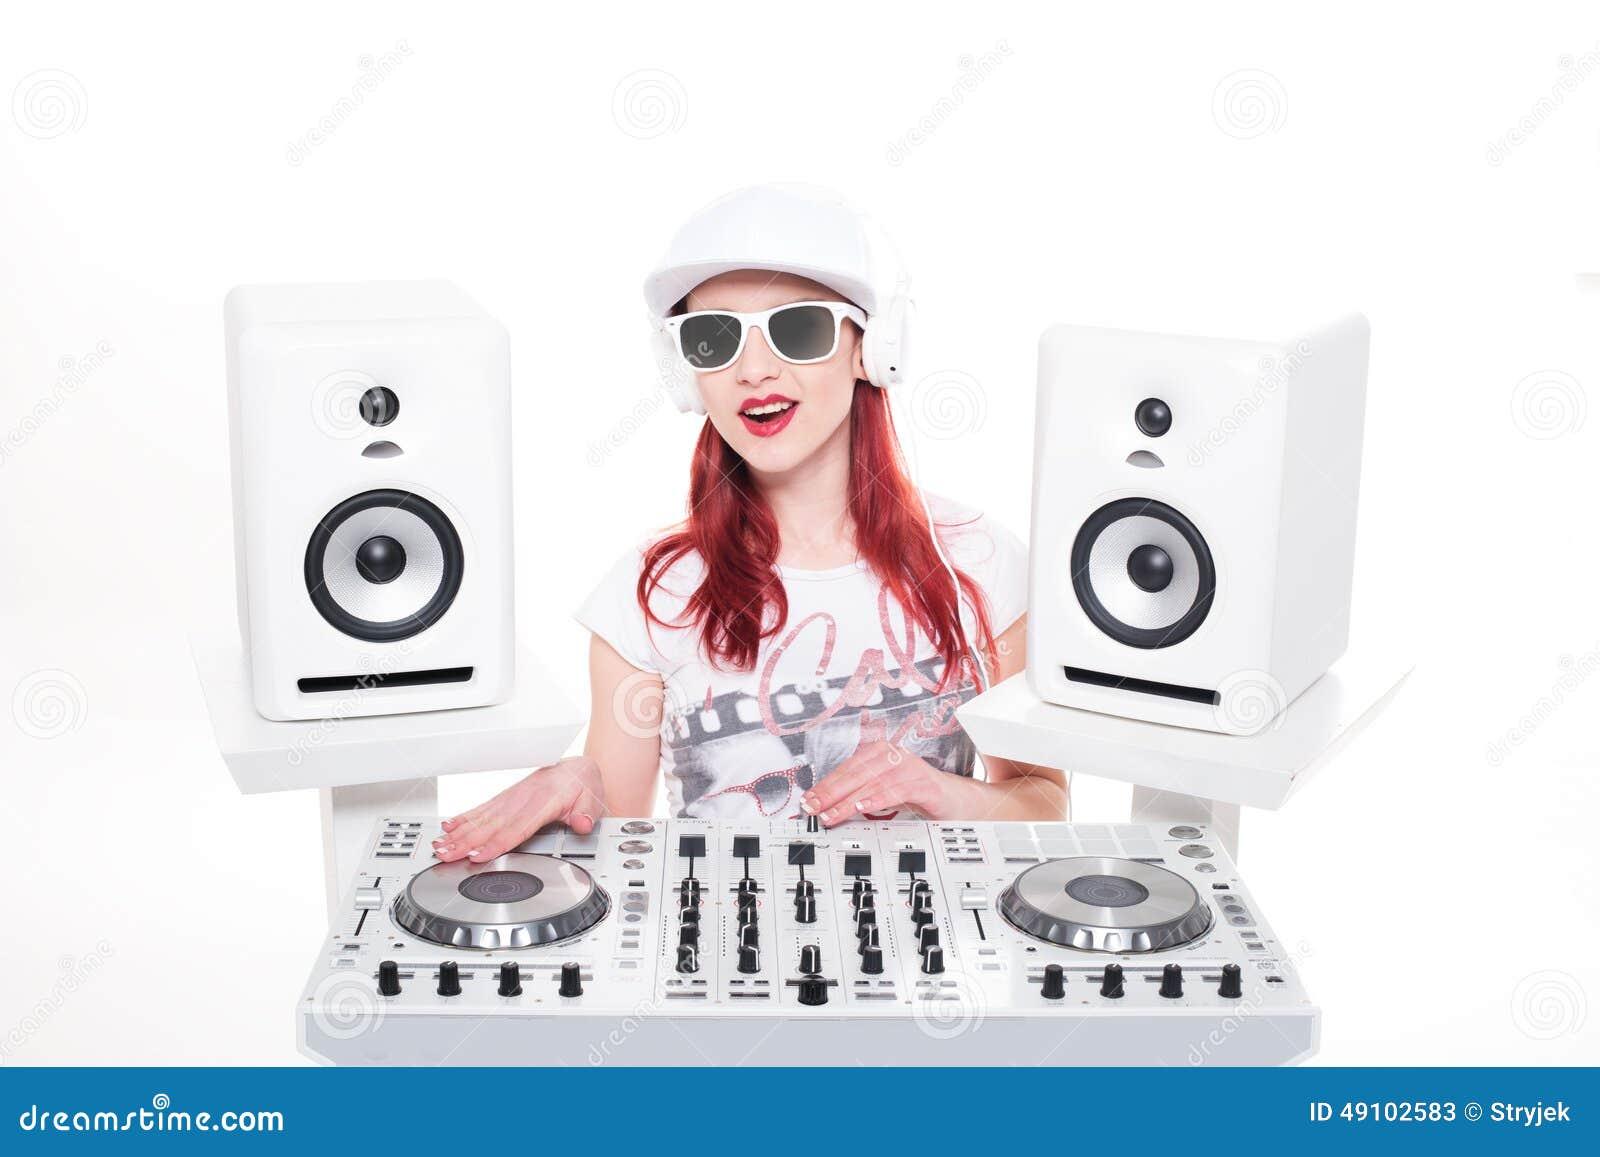 Música de mezcla de DJ de la hembra de moda